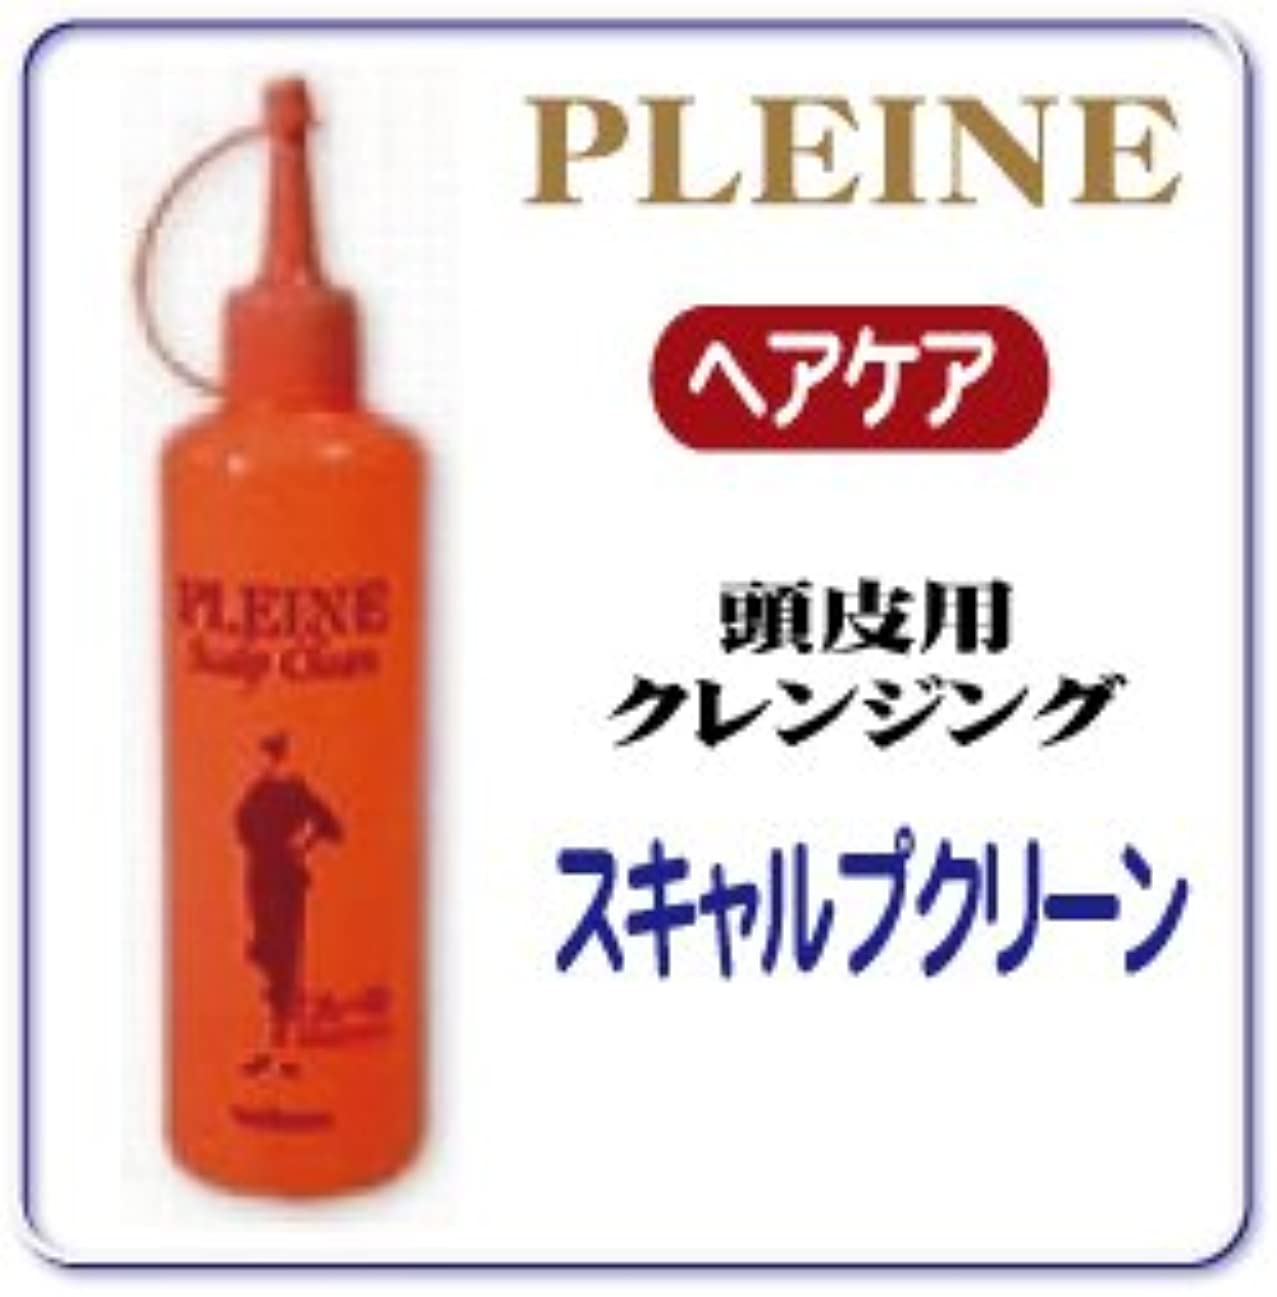 燃やす同意ペグベルマン化粧品 PLEINEシリーズ  スキャルプクリーン  頭皮用クレンジング 300ml